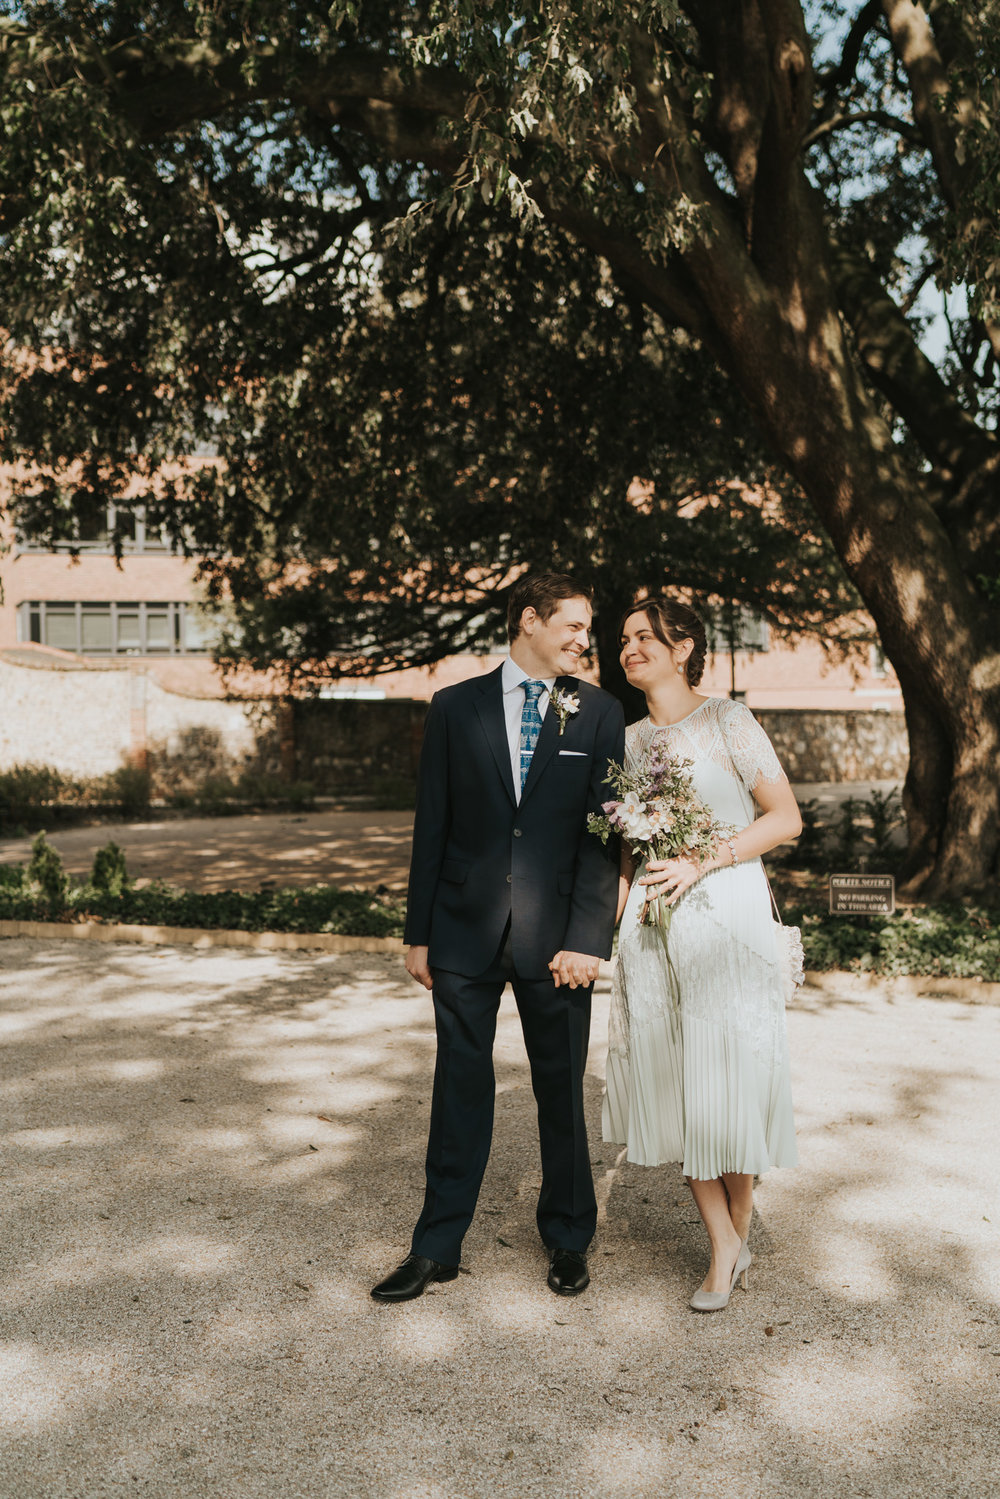 Will-Rhiannon-Art-Deco-Alterative-Essex-Wedding-Suffolk-Grace-Elizabeth-27.jpg